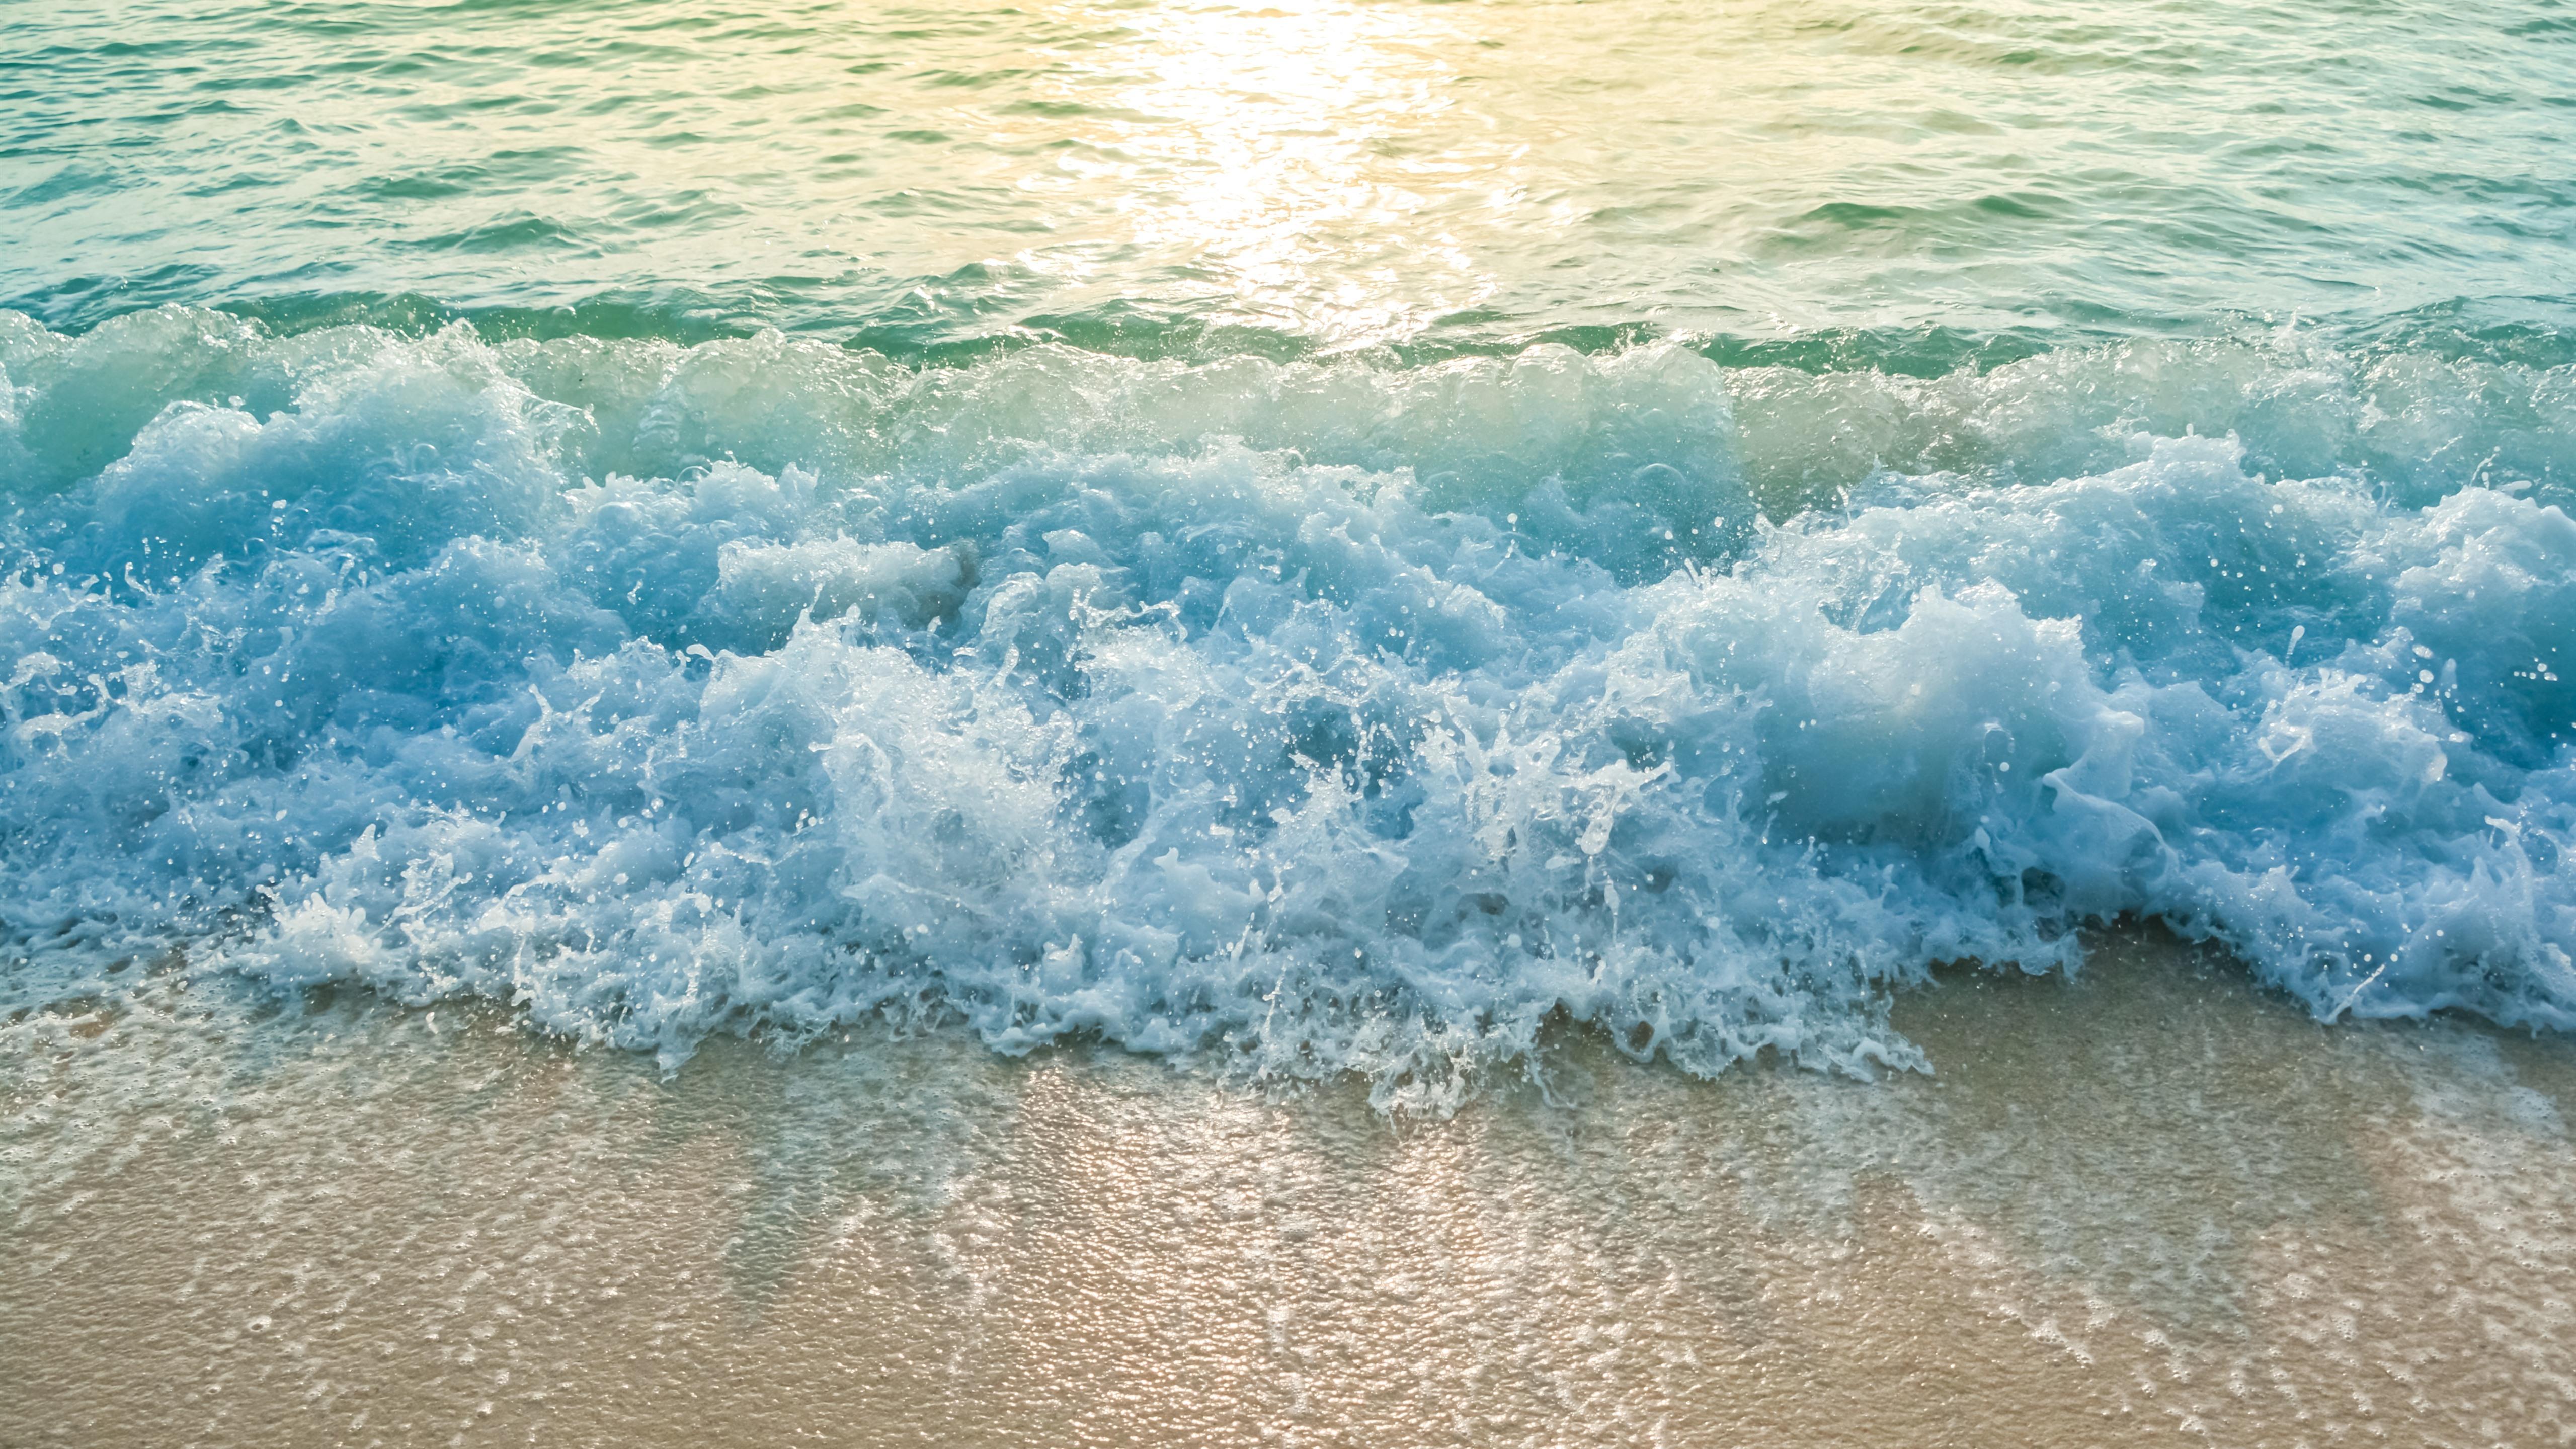 Wallpaper Beach Sea Waves Water Splash Foam 5120x2880